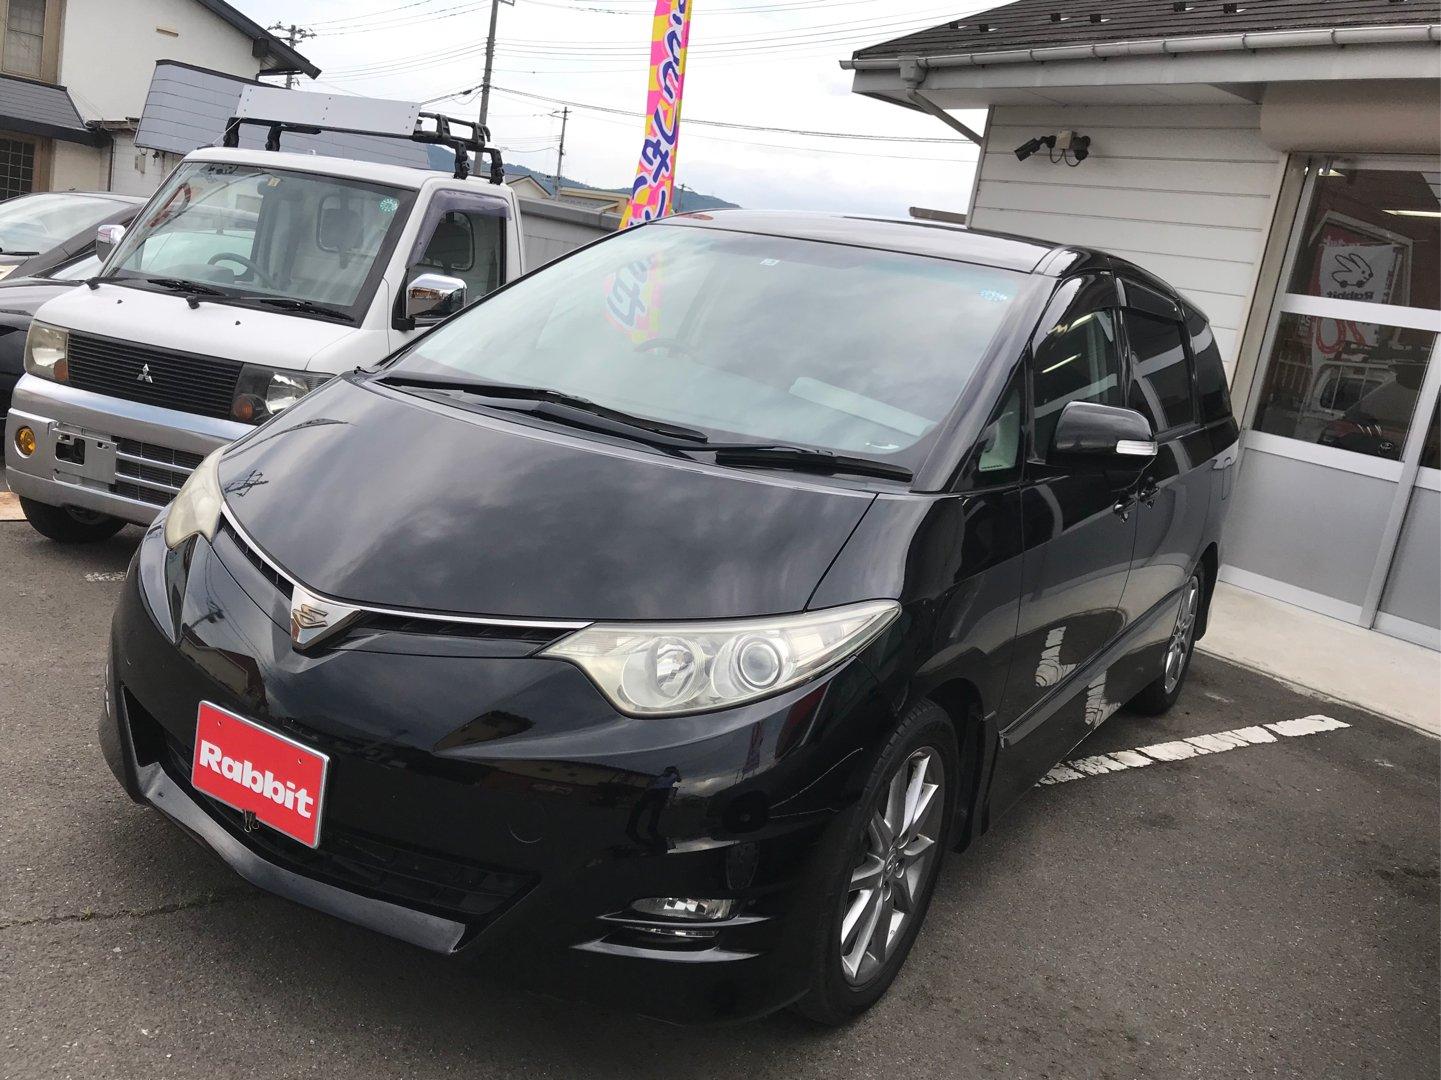 ラビット北福島店 | 福島市・車・査定・販売・買取